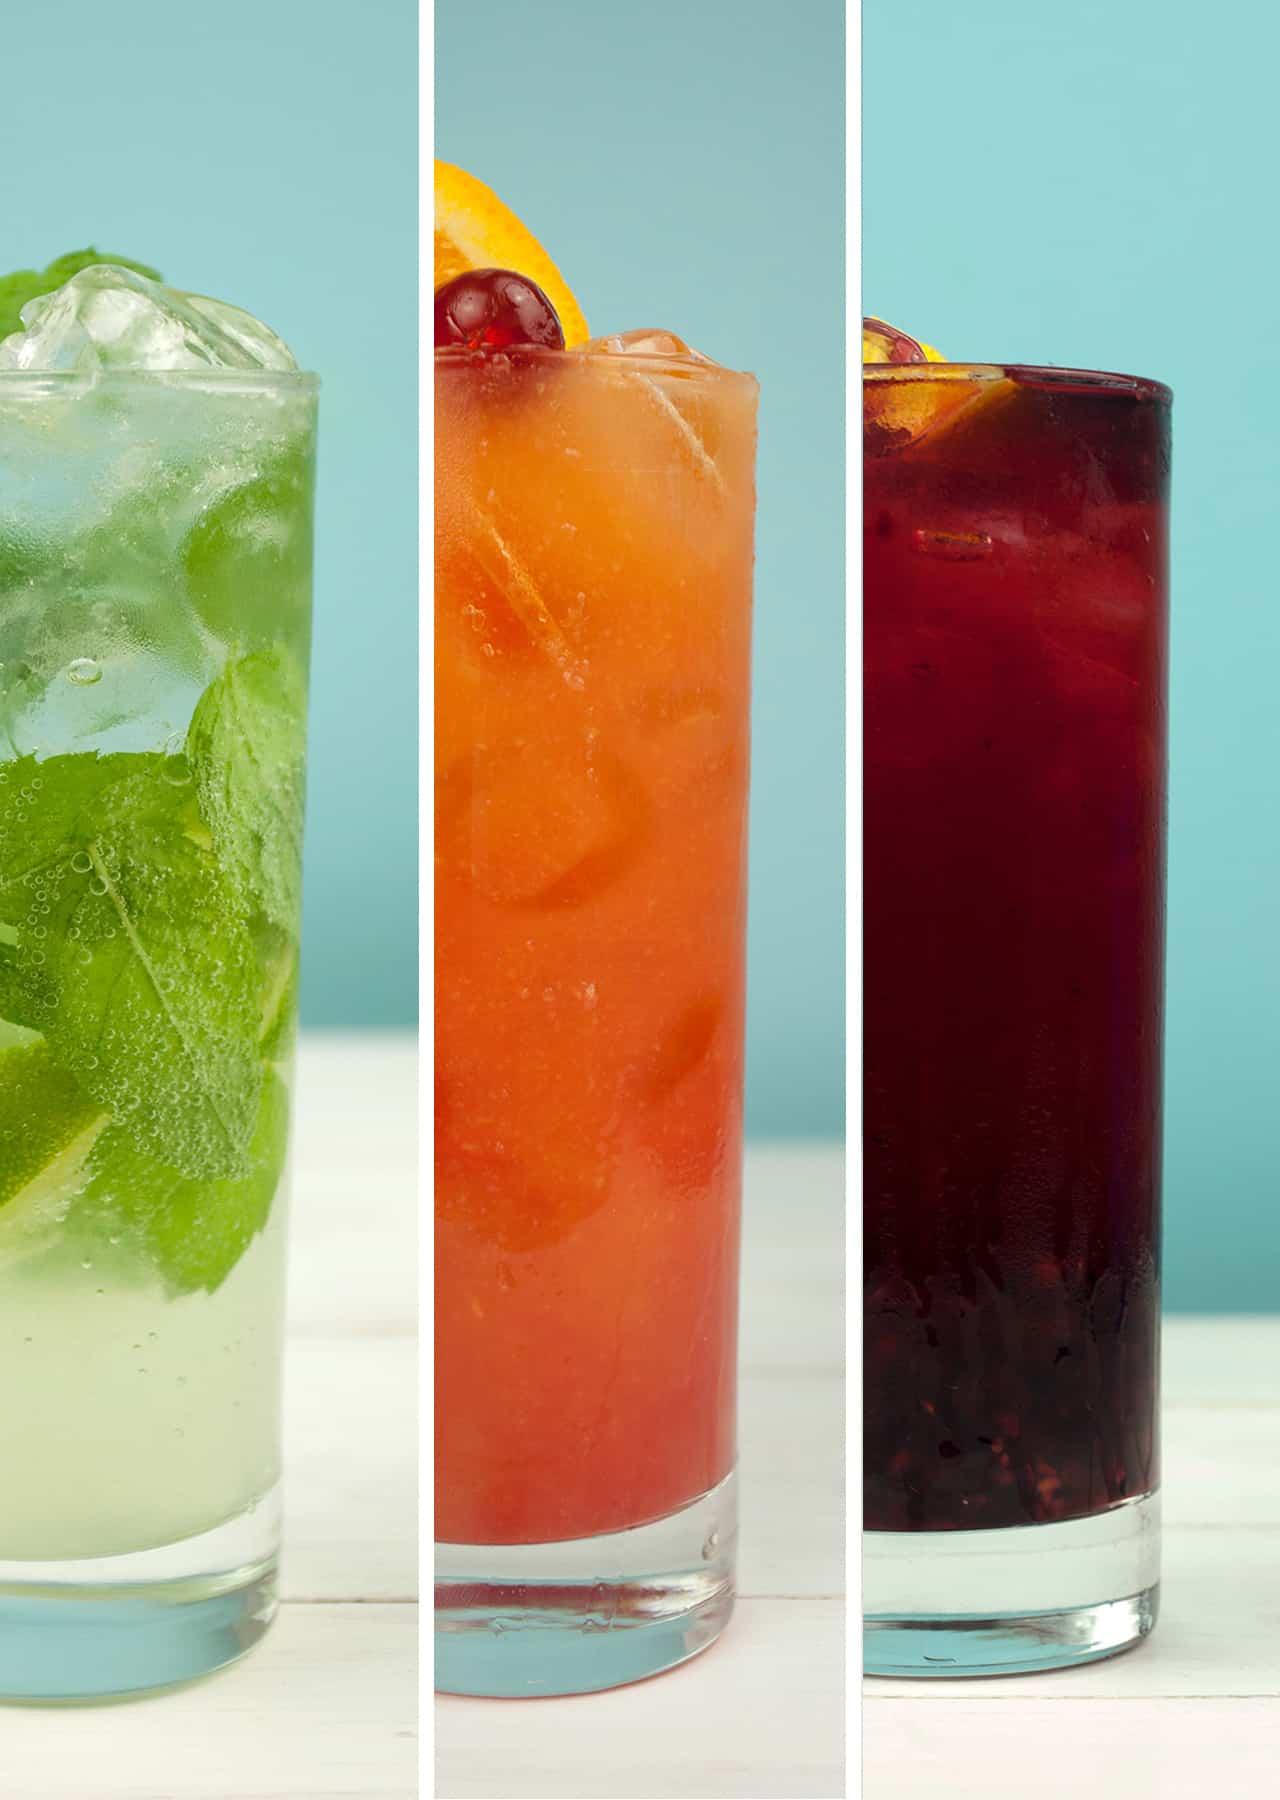 Super Simple Summer Mocktails - So Vegan